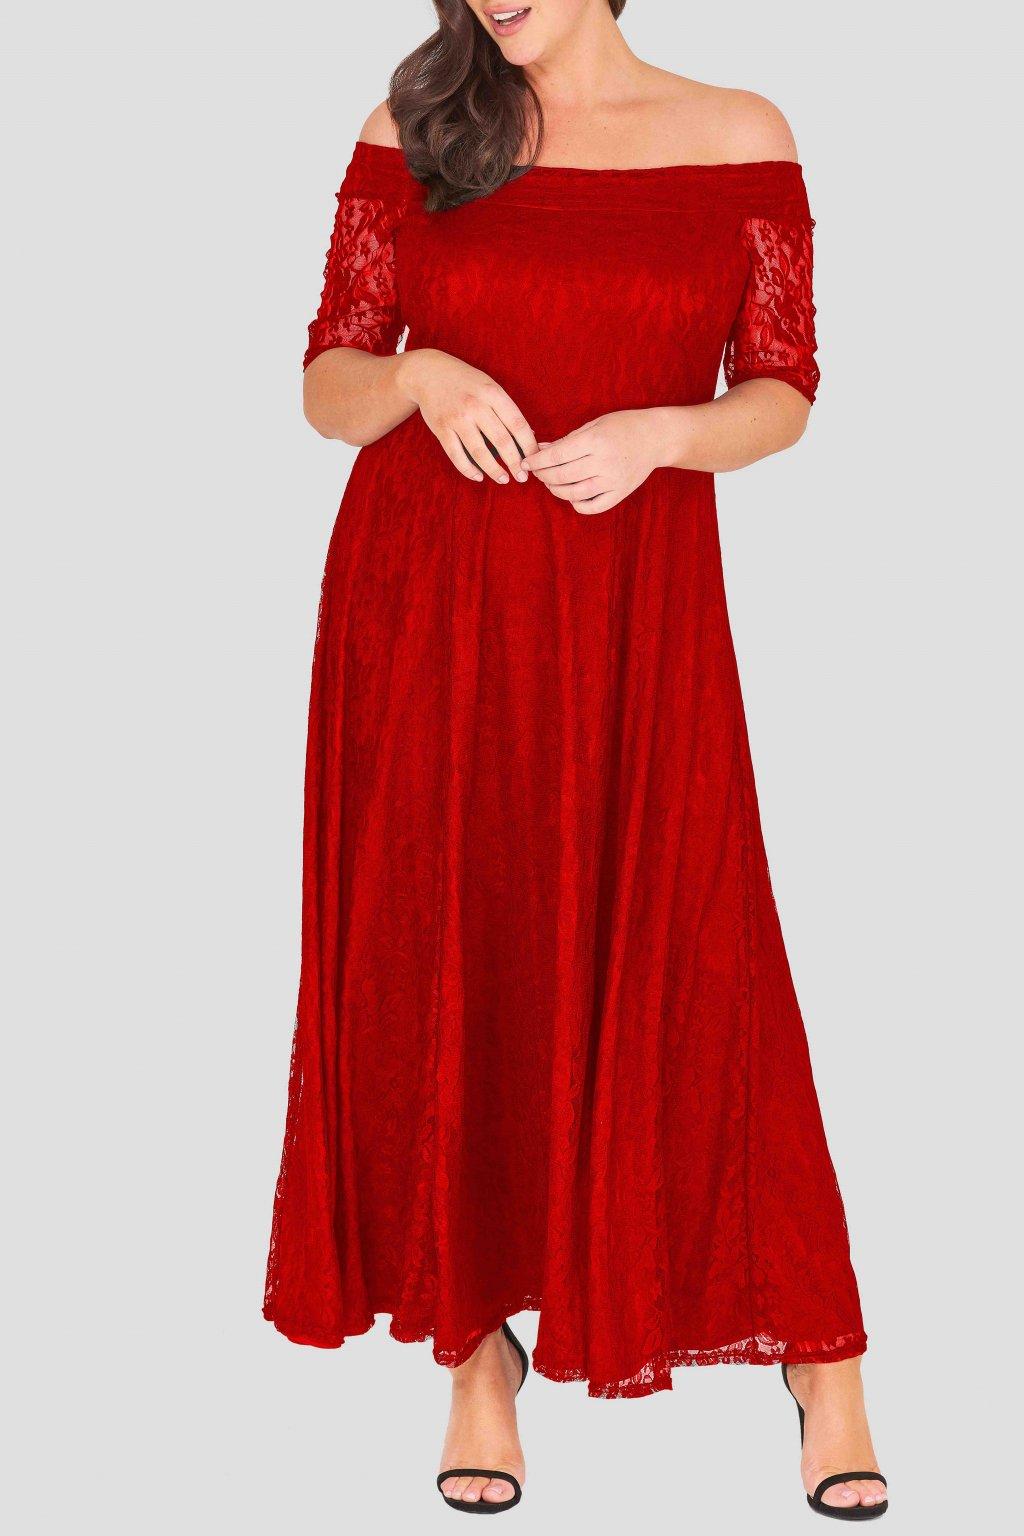 Dlouhé krajkové šaty Marble s krátkým rukávem červené 2